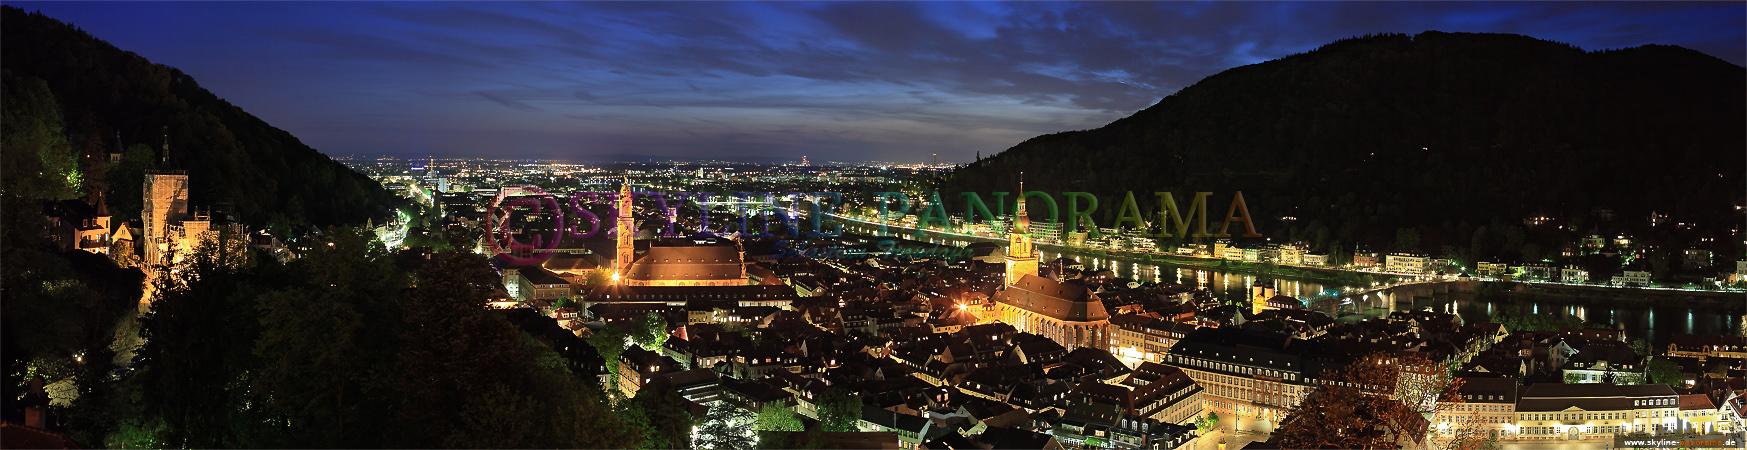 Sehenswürdigkeiten - Die Heidelberger Altstadt als abendlicher Panoramablick von dem Heidelberger Schloss in der Dämmerung aufgenommen.